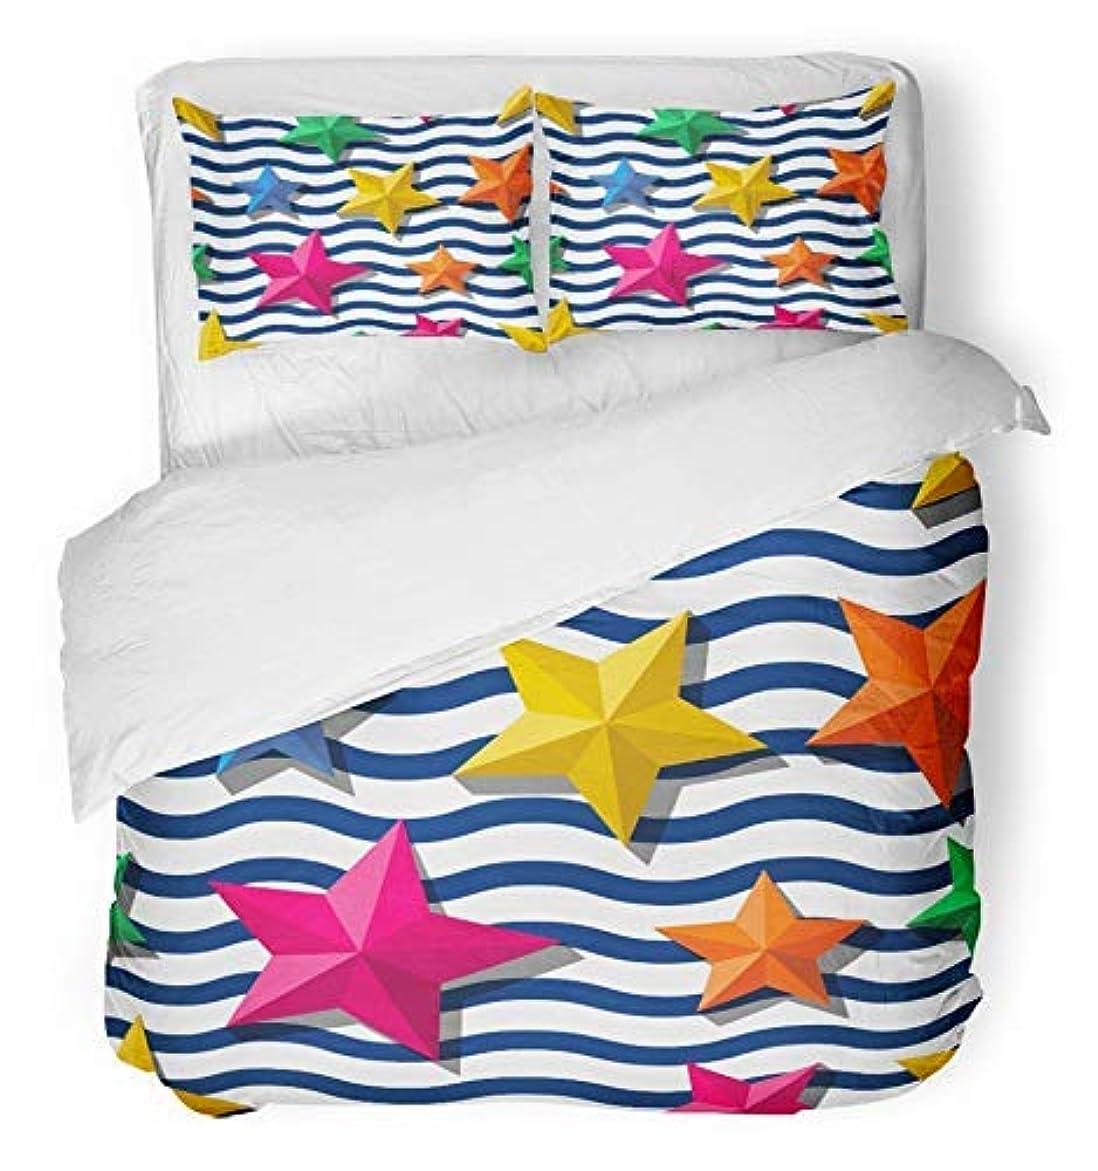 テント階下やがて3ピース布団カバーセット 起毛マイクロファイバーファブリックネイビーシー、3Dスターとブルーの波状のストライプサマーマリンストライプマルチカラー寝具セット用2ピローカバーキングサイズ